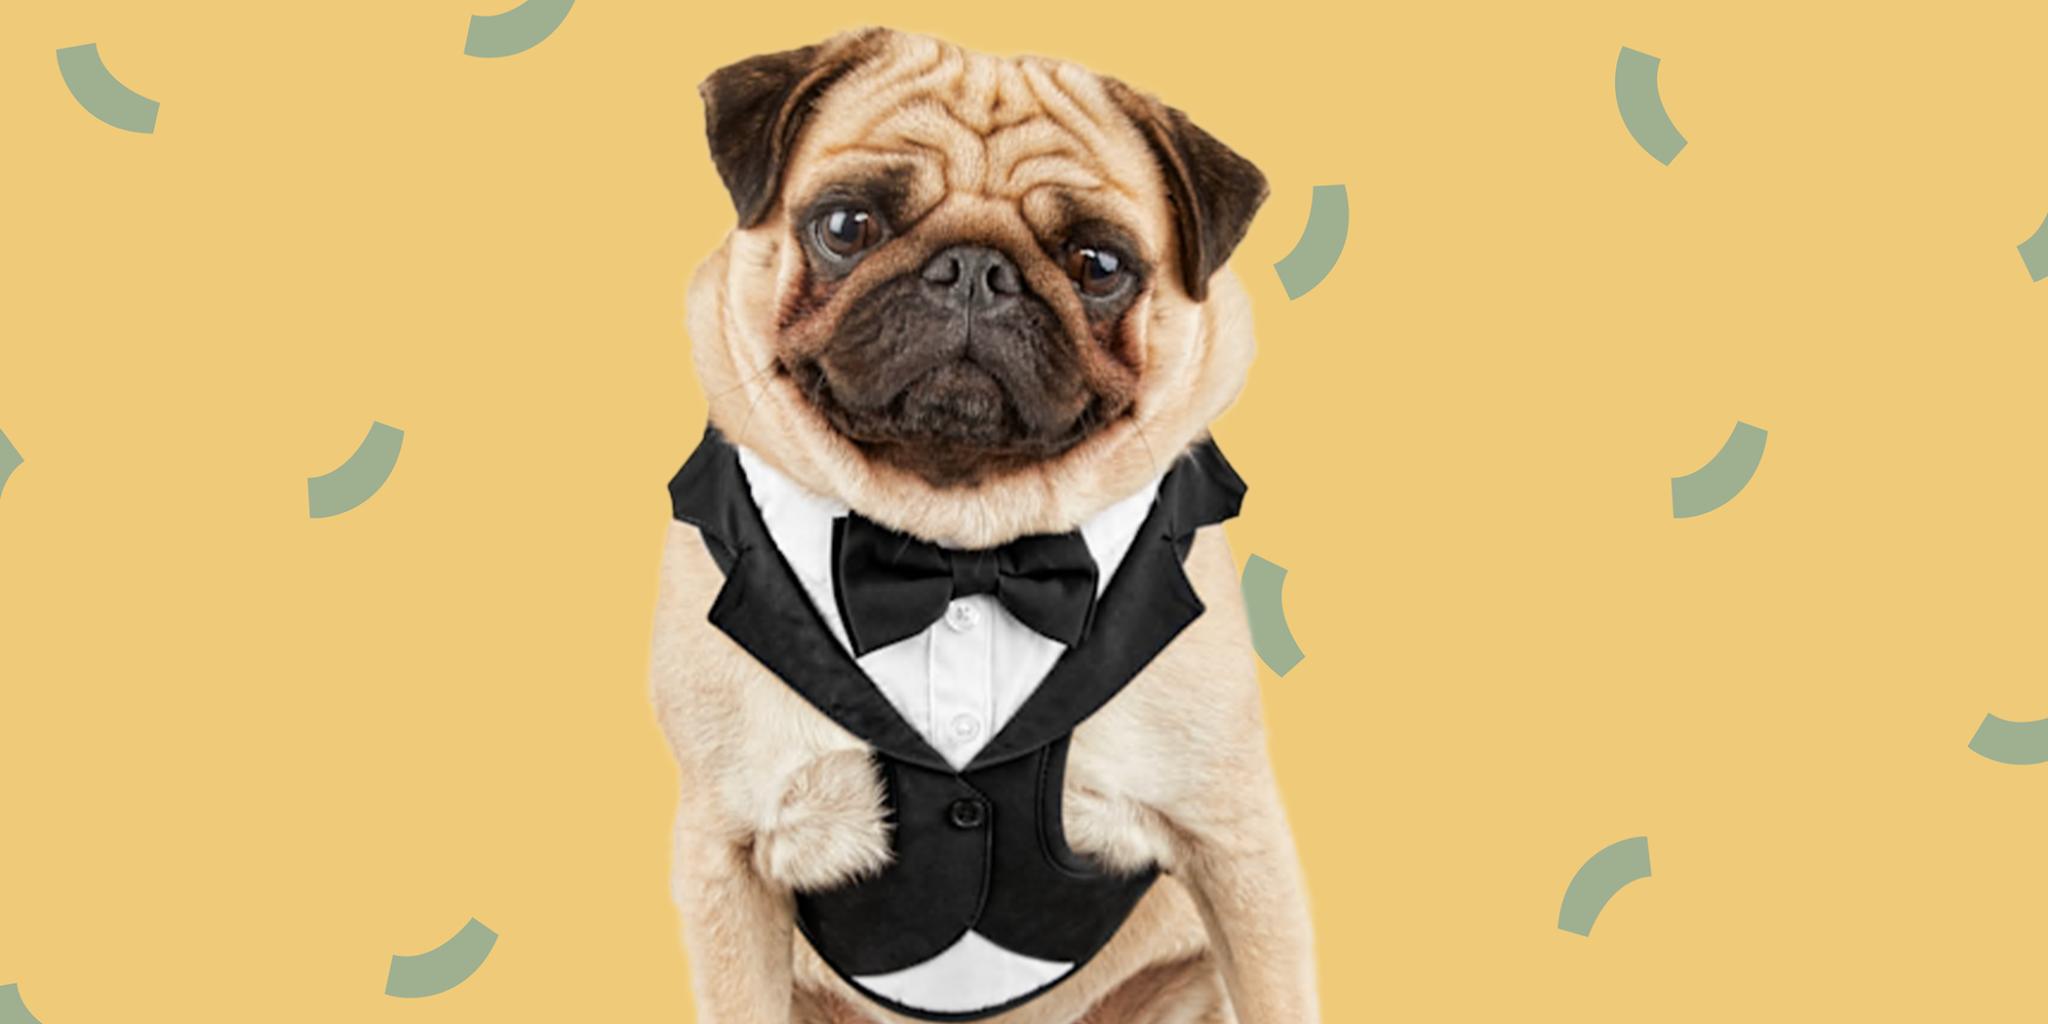 I Do, Too! Adorable Pet Wedding Attire for Your Furry Friend